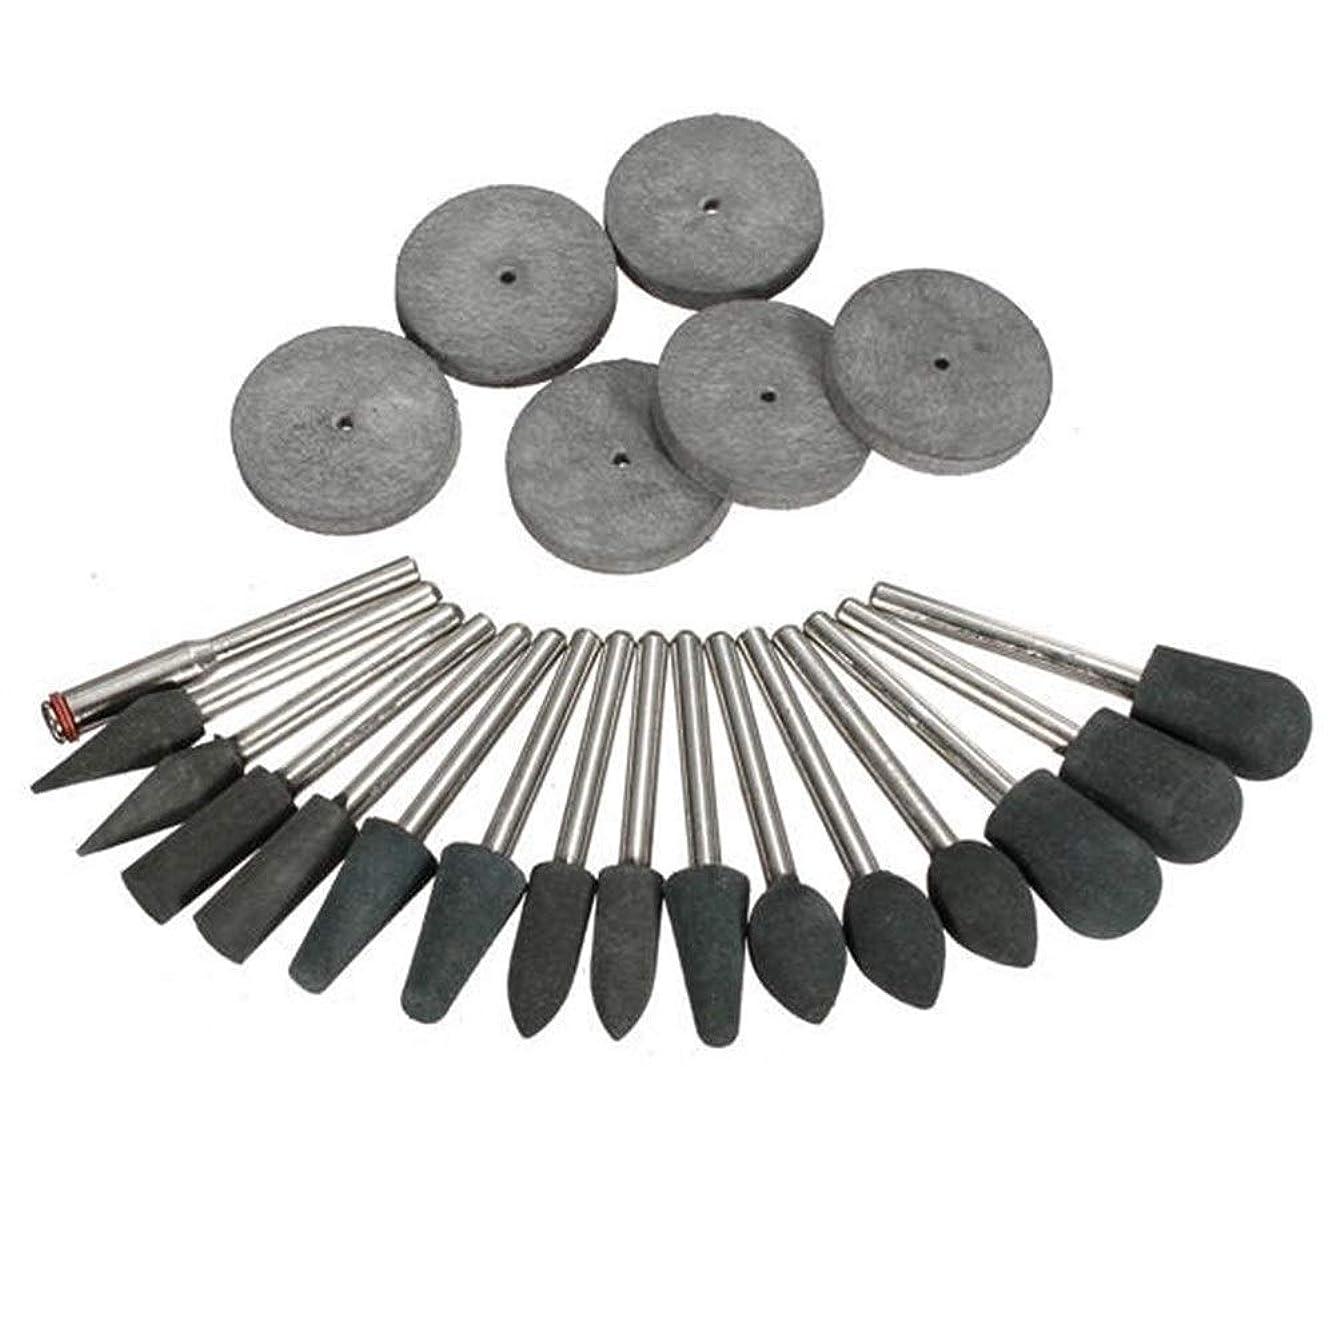 派手評価するアプライアンスYKJ-YKJ 工業用研磨剤22pcs 3.1ミリメートル回転工具用シャンクゴム研磨ヒントとディスクキット 研磨工具